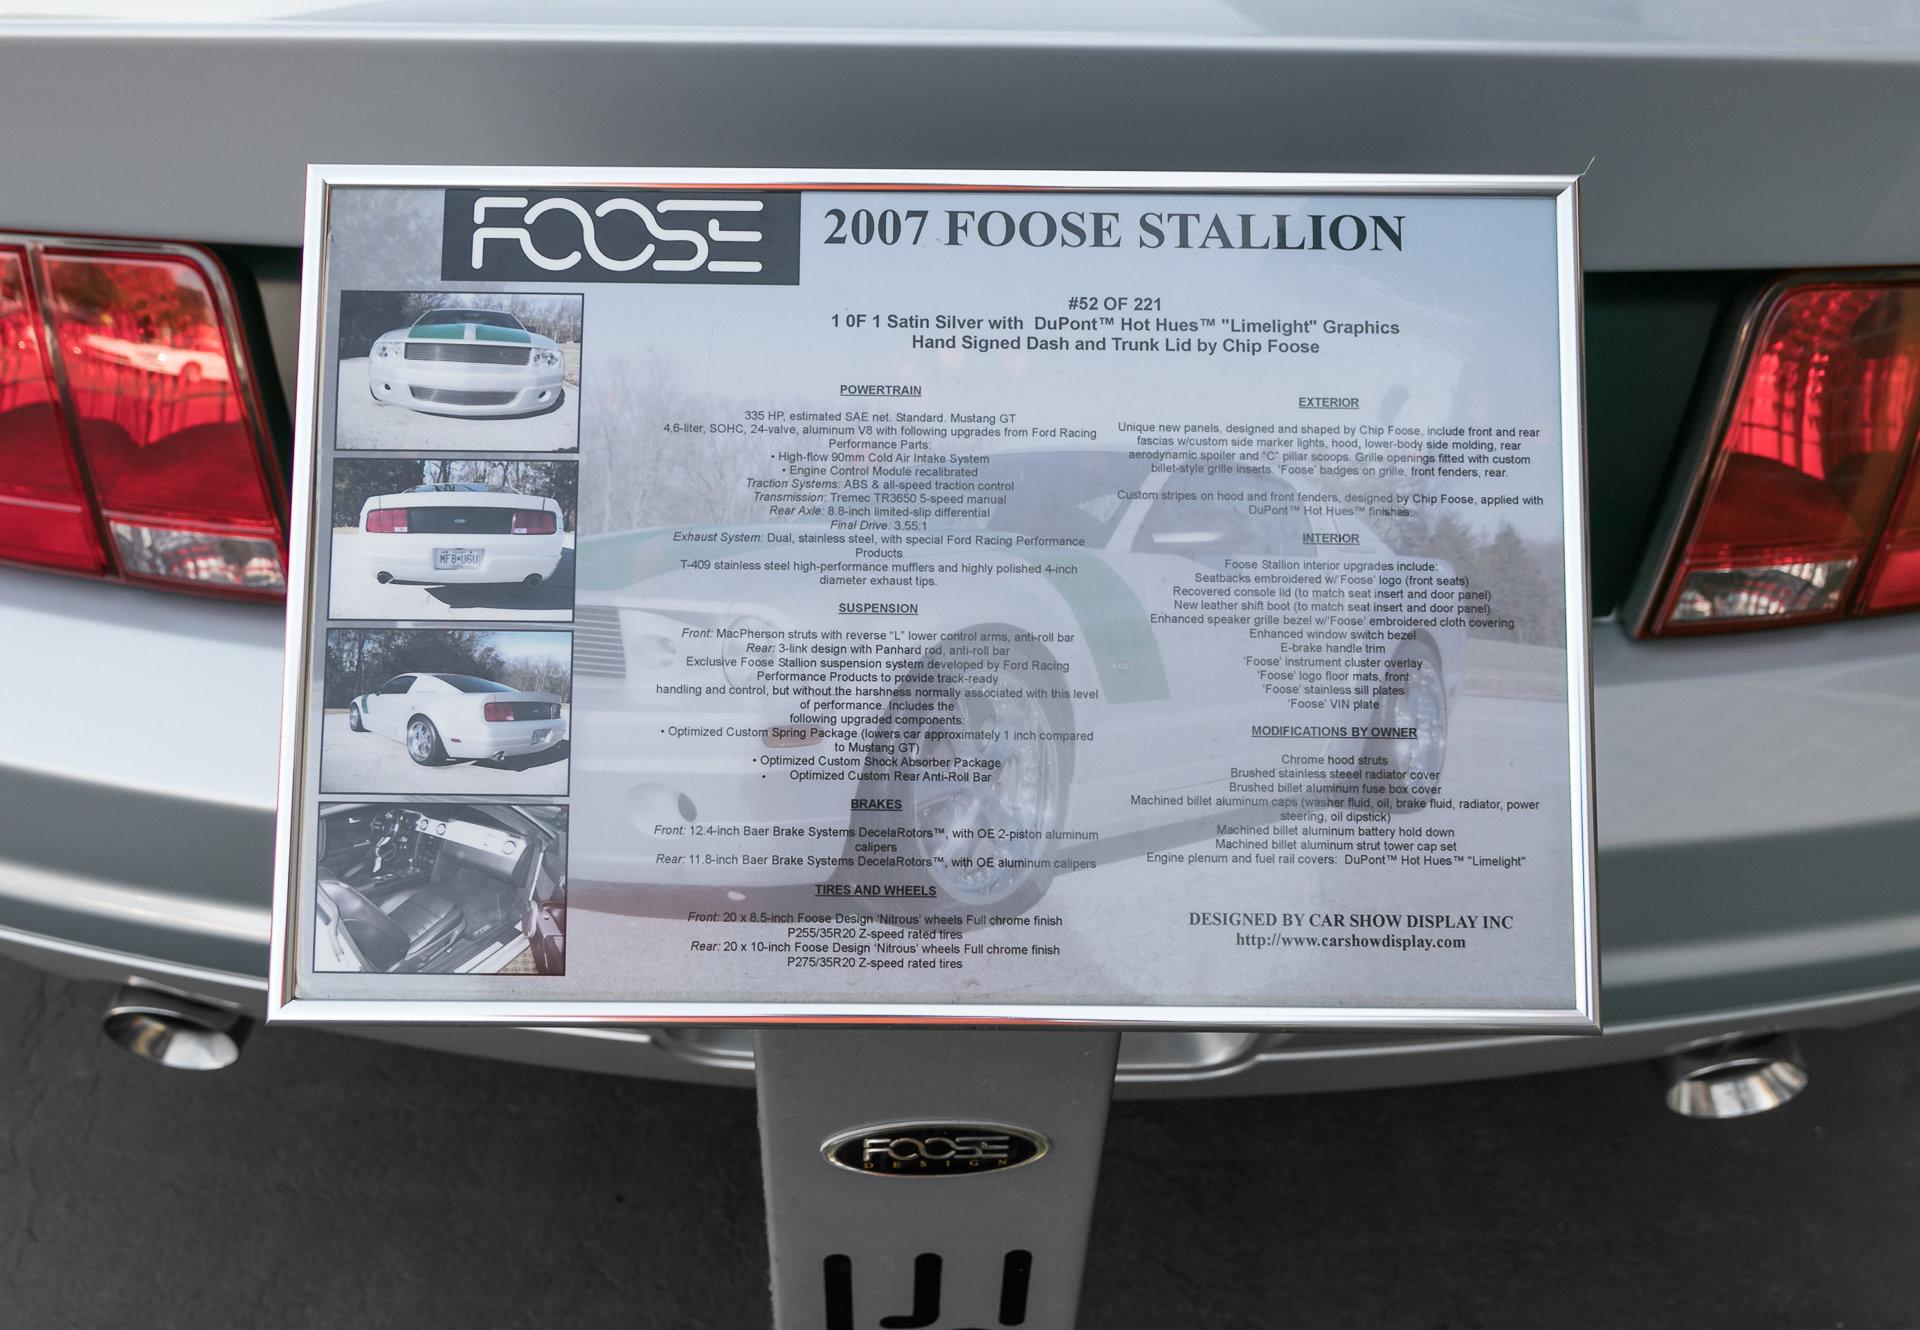 2007 Ford Mustang Foose Berlin Motors Fuse Box For Sale